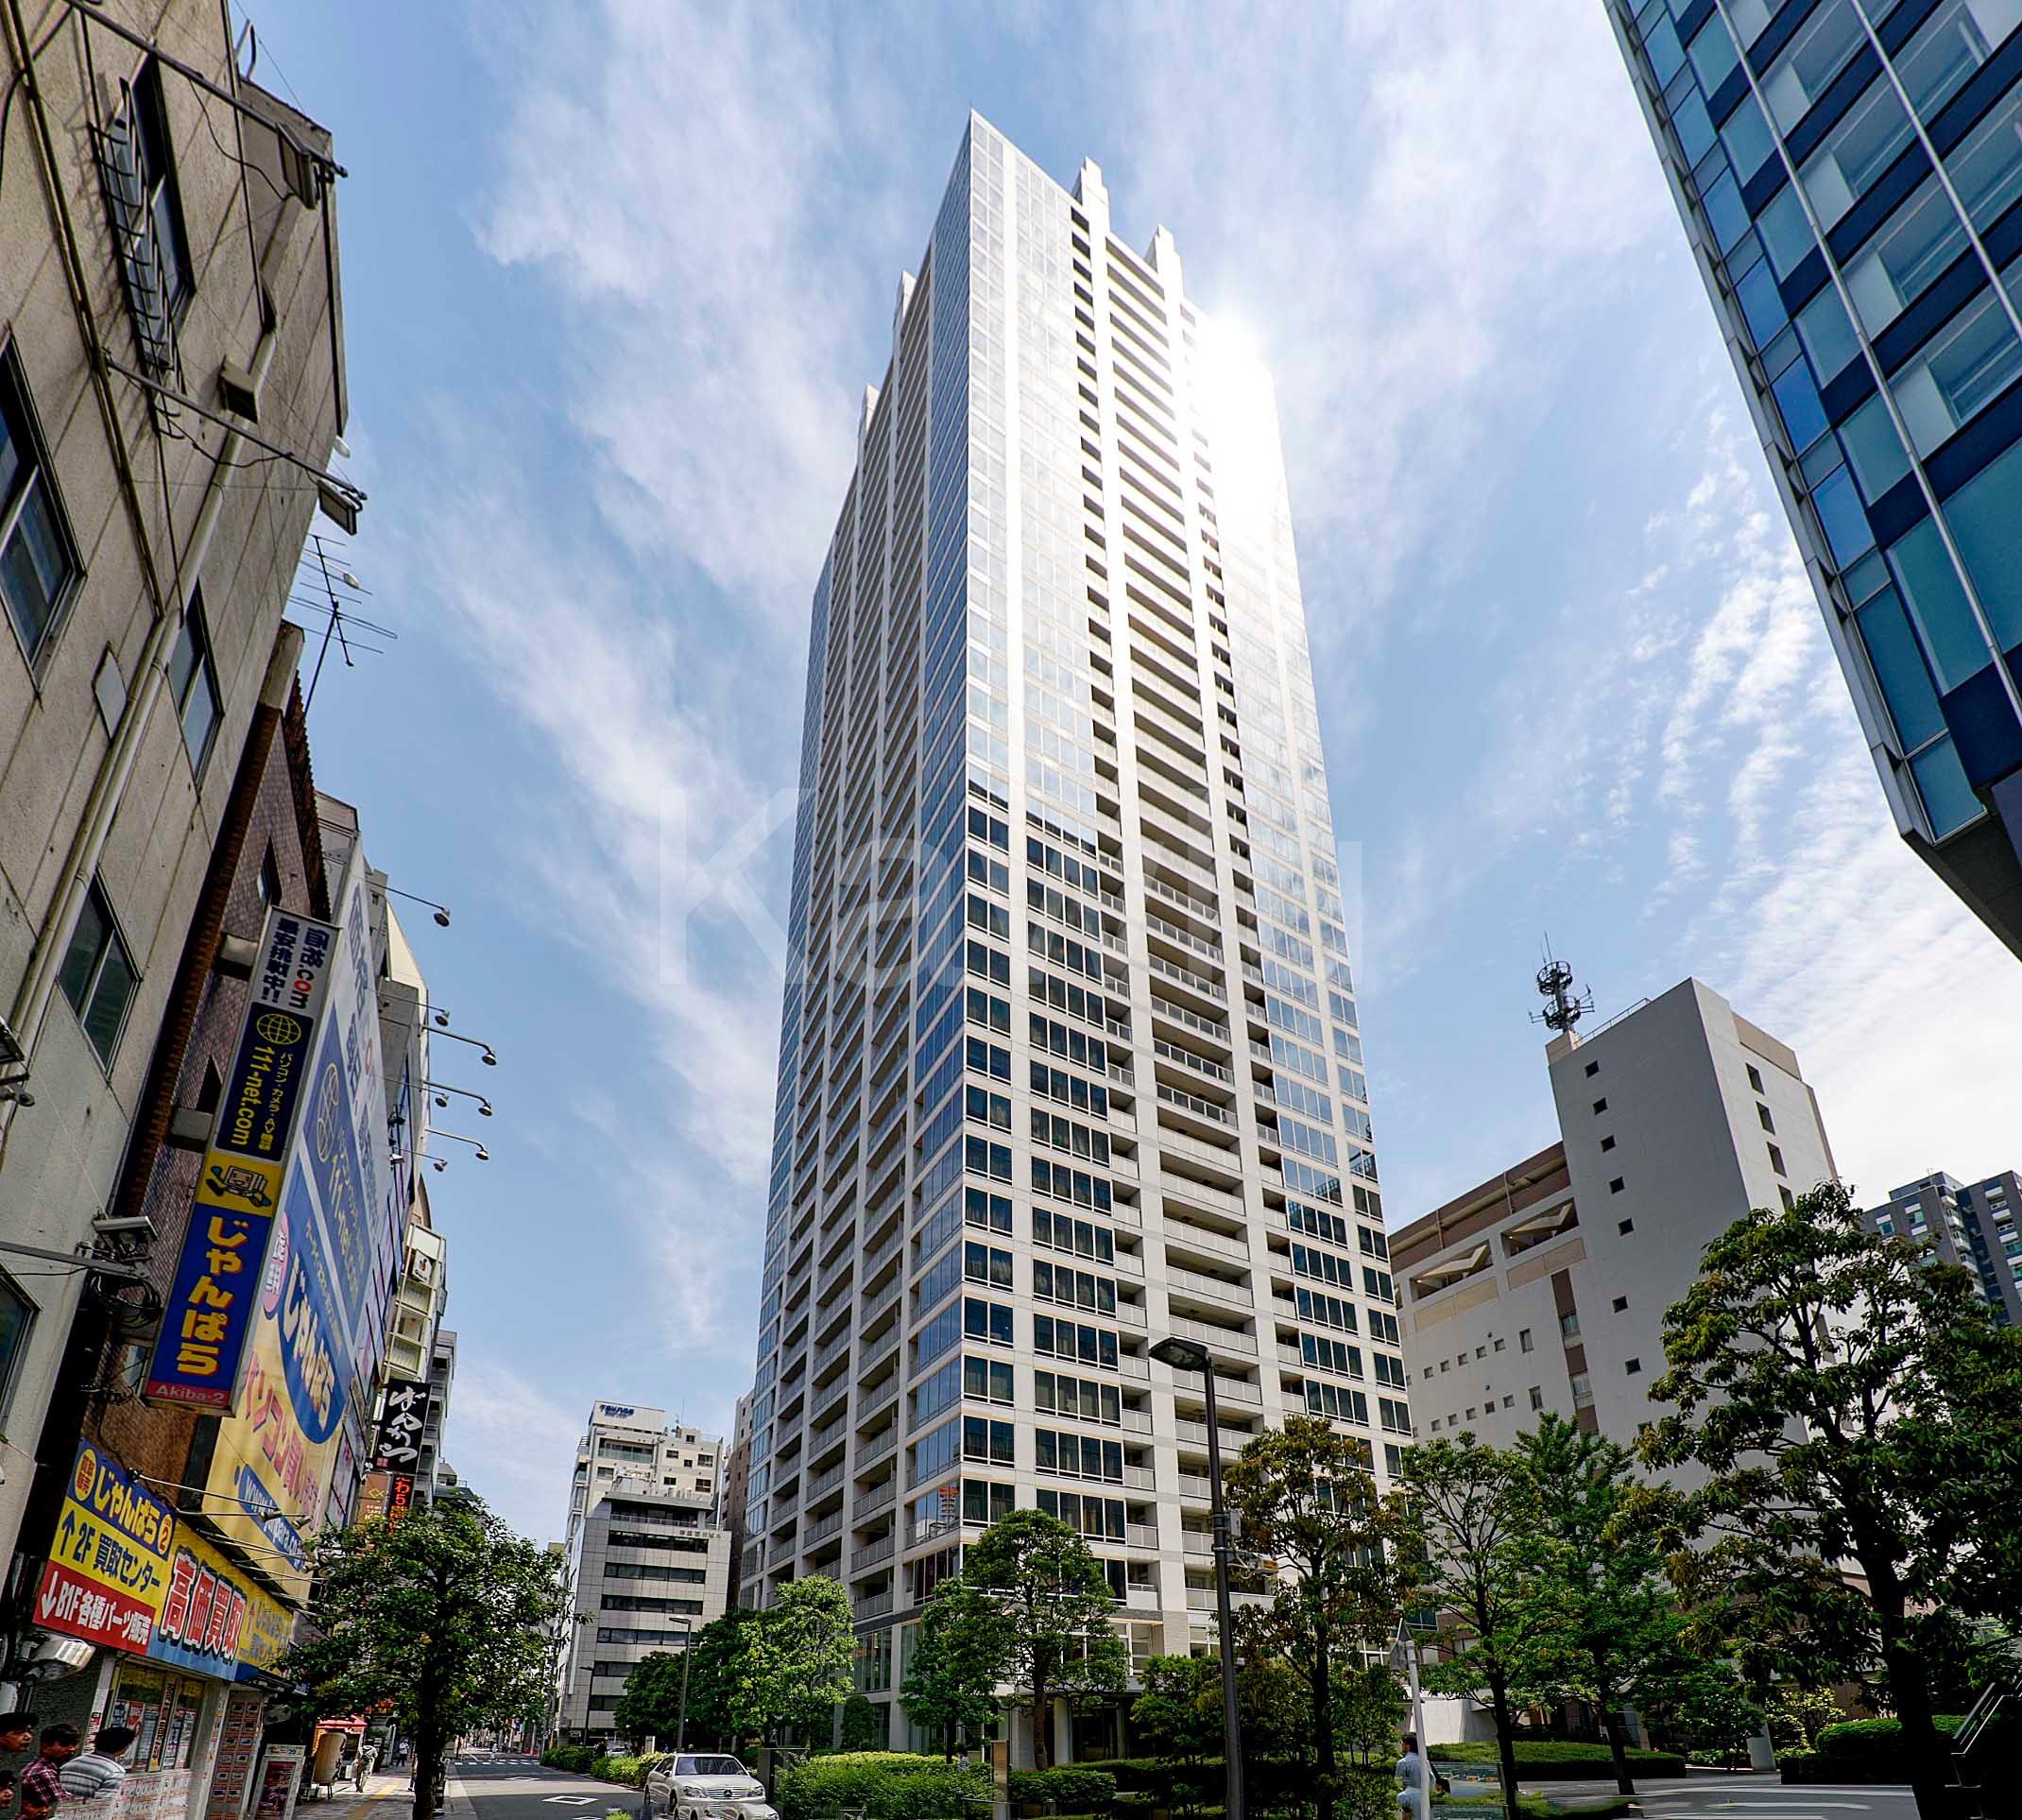 東京タイムズタワーの便利すぎる秋葉原ライフに迫る!